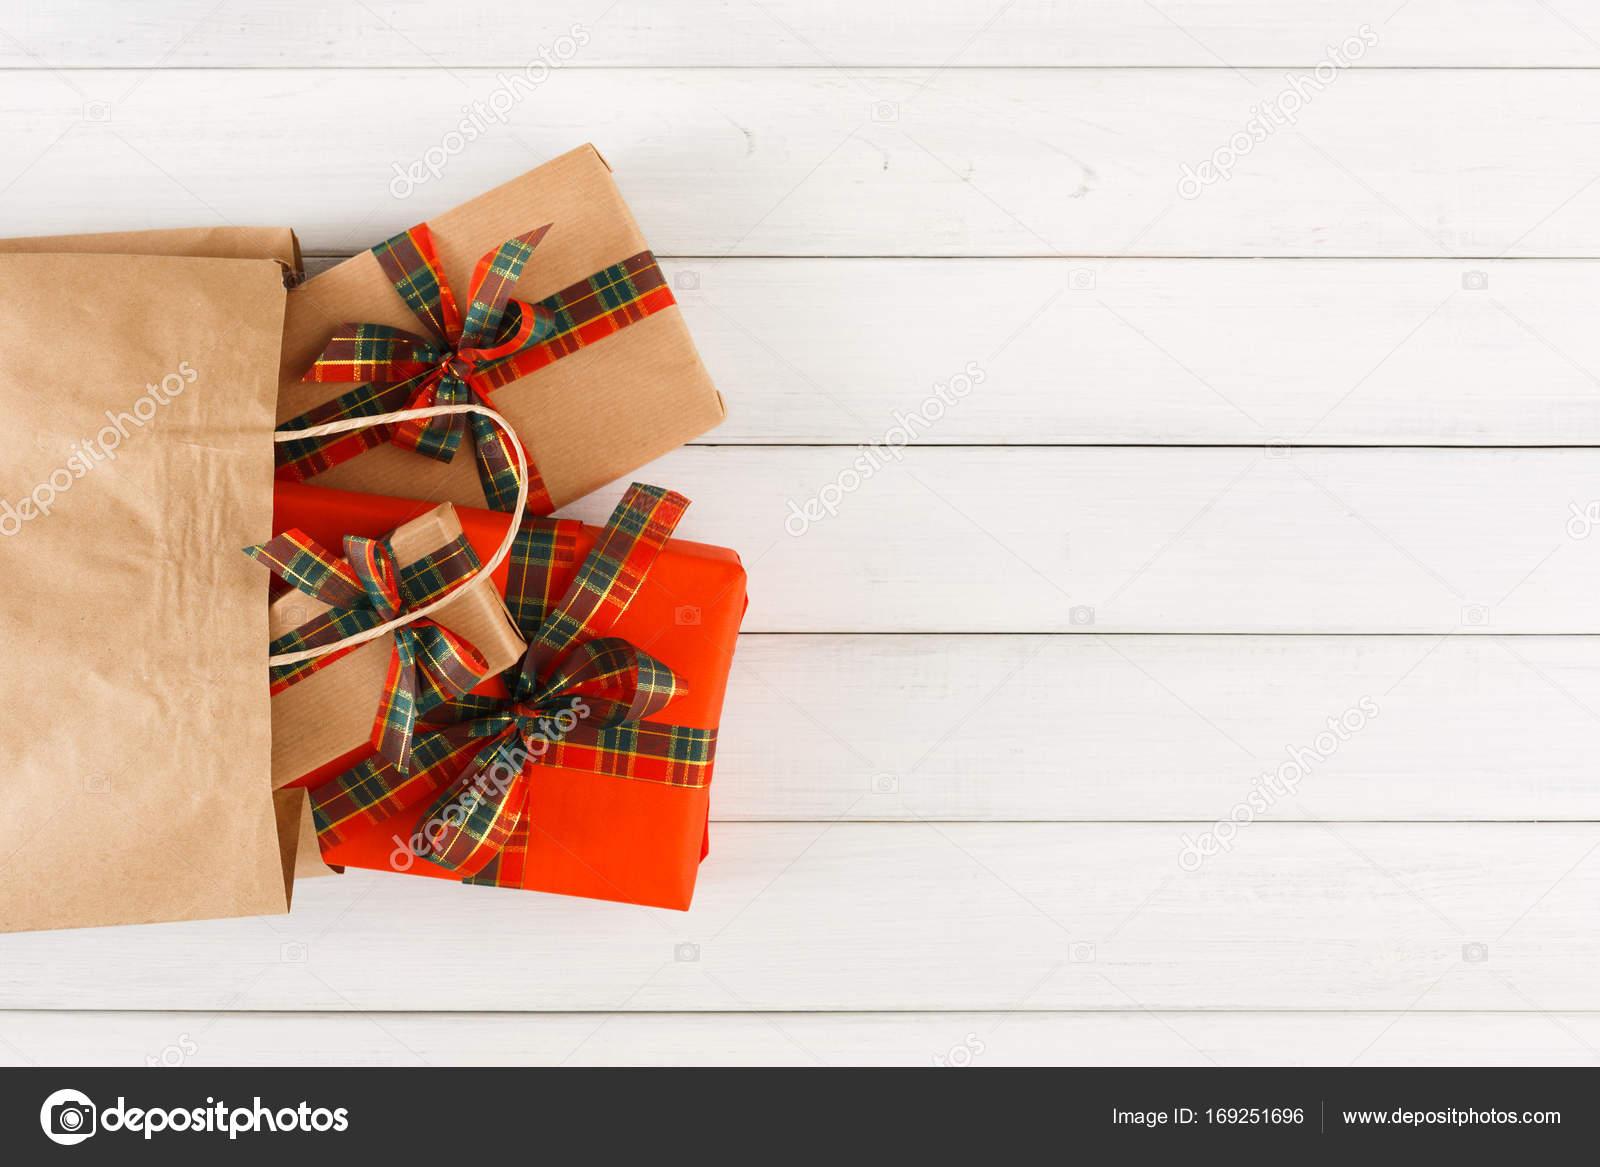 Kreative Weihnachtsgeschenke.Kreative Weihnachtsgeschenke In Papiertüte Auf Weißem Holz Tisch